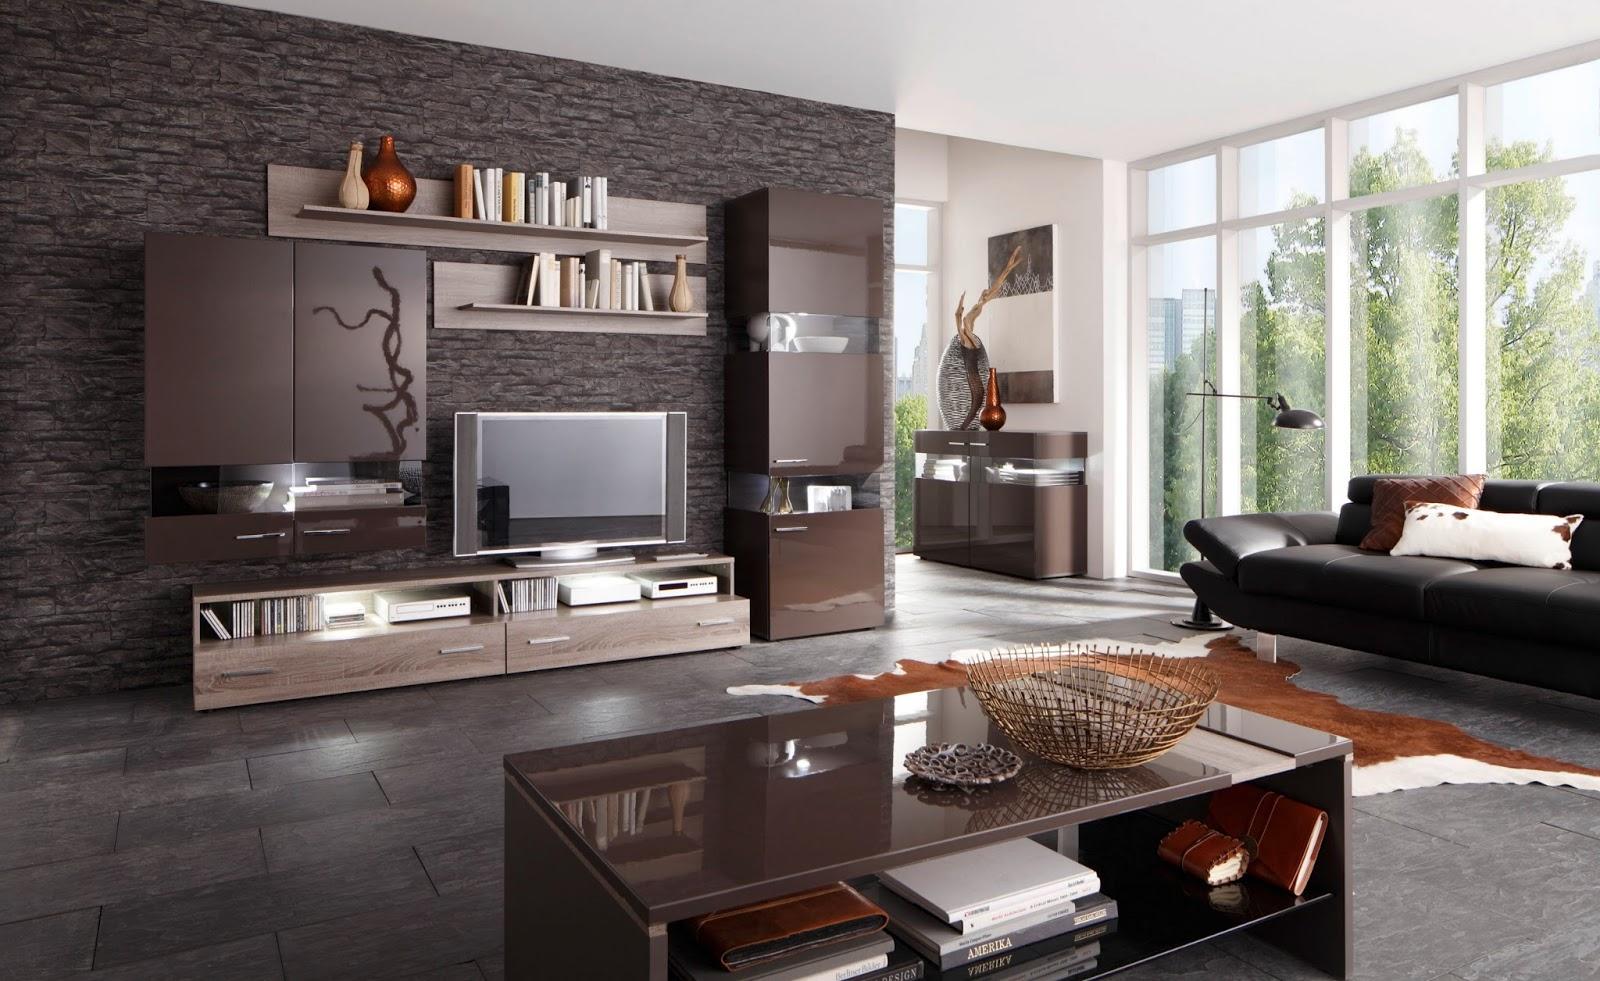 wohnzimmer afrika style - de-haus